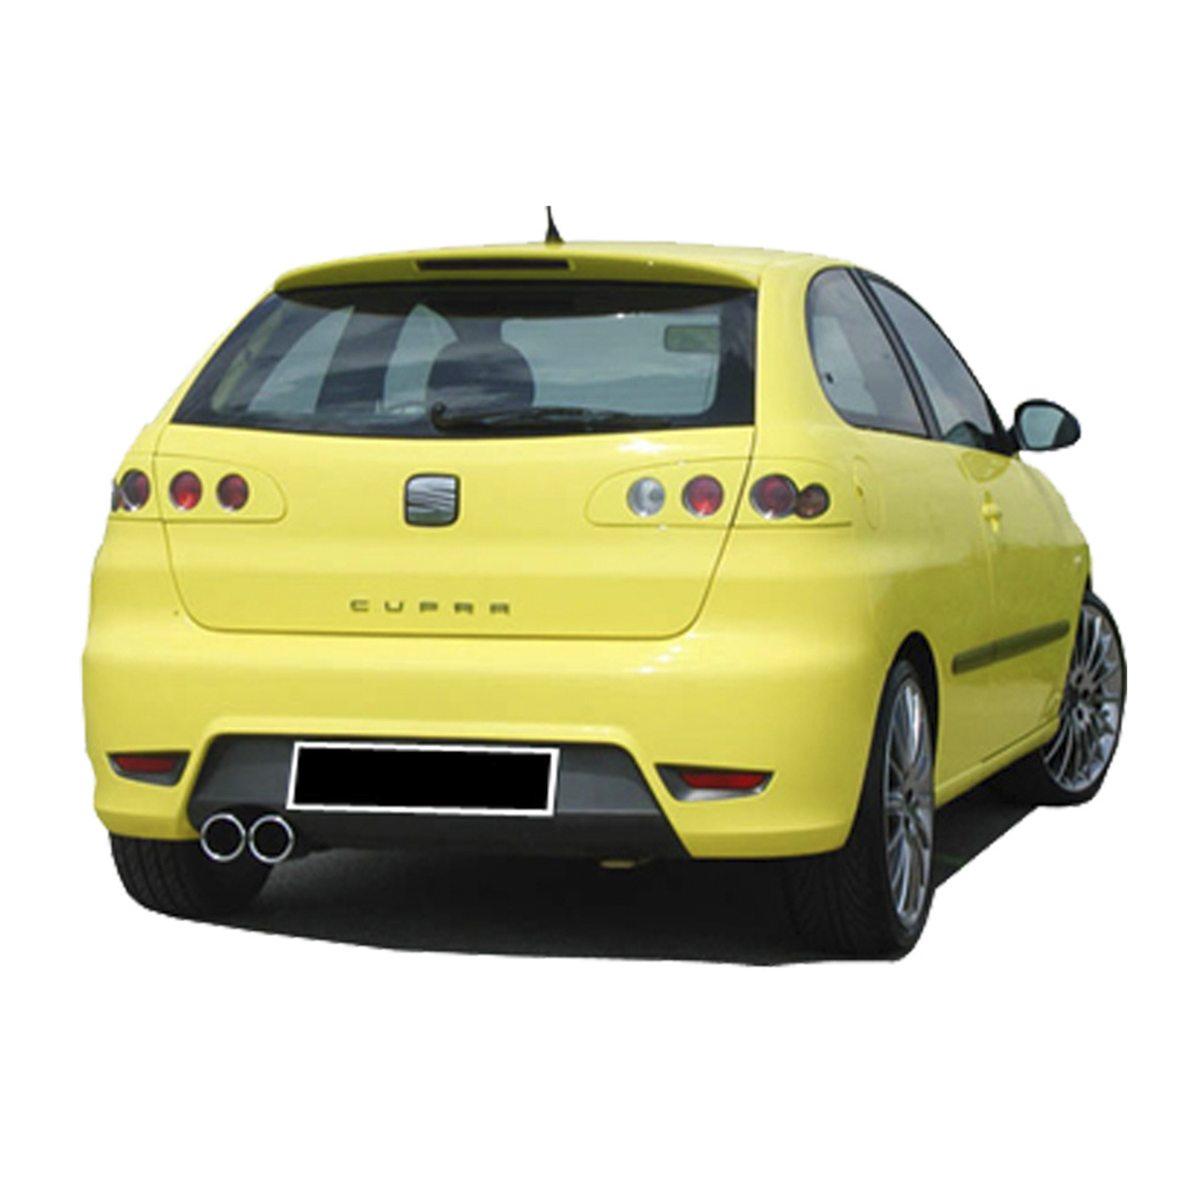 Seat-Ibiza-2003-Cupra-Tras-PCU1162